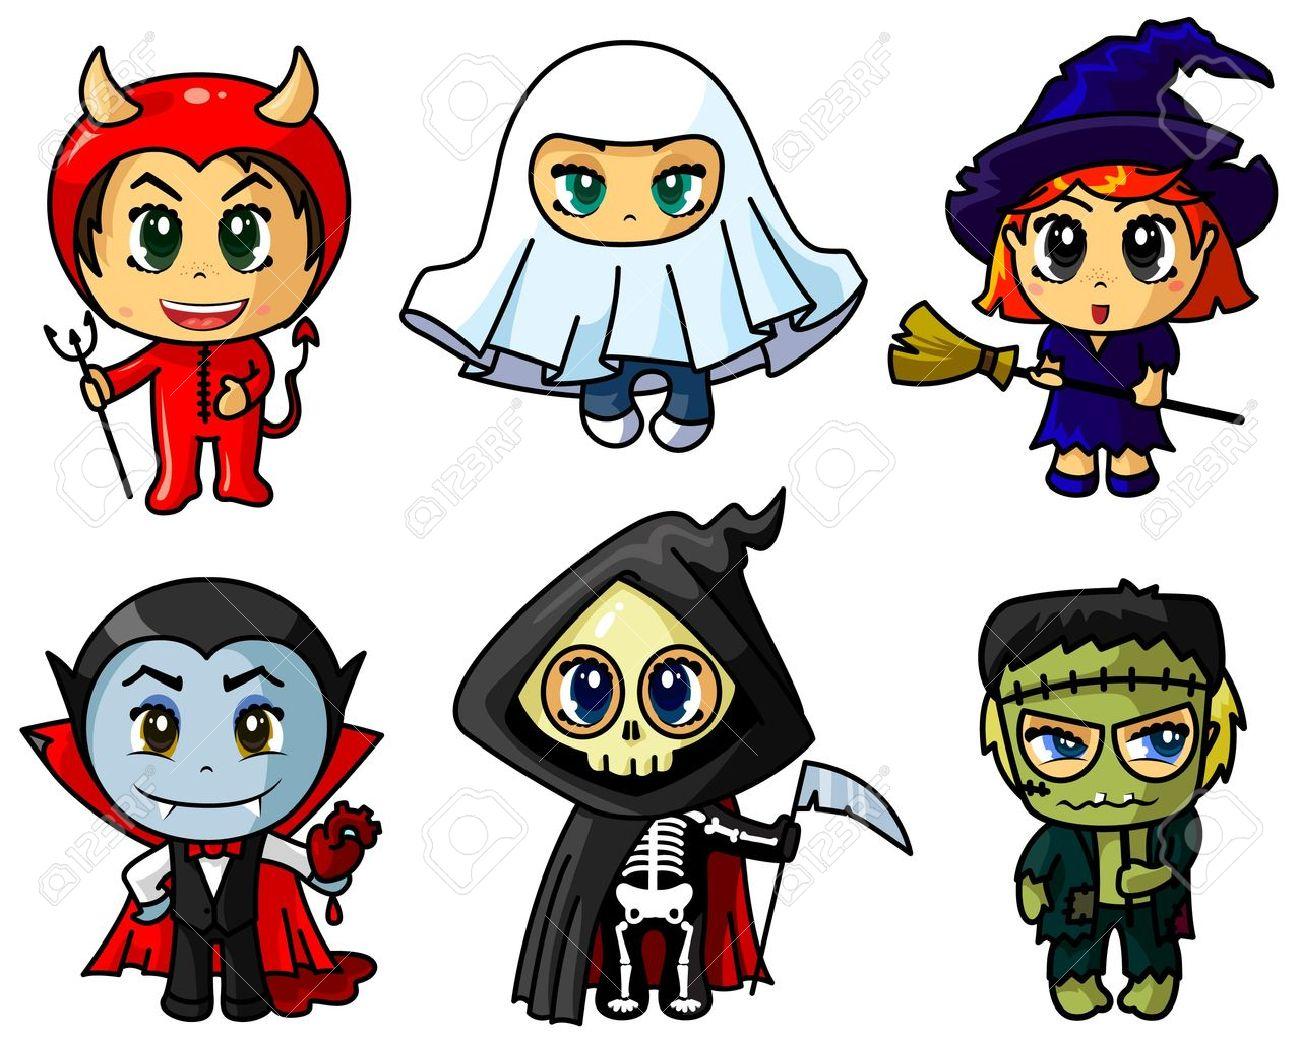 Cute chibi halloween caracters set Stock Vector - 10826907